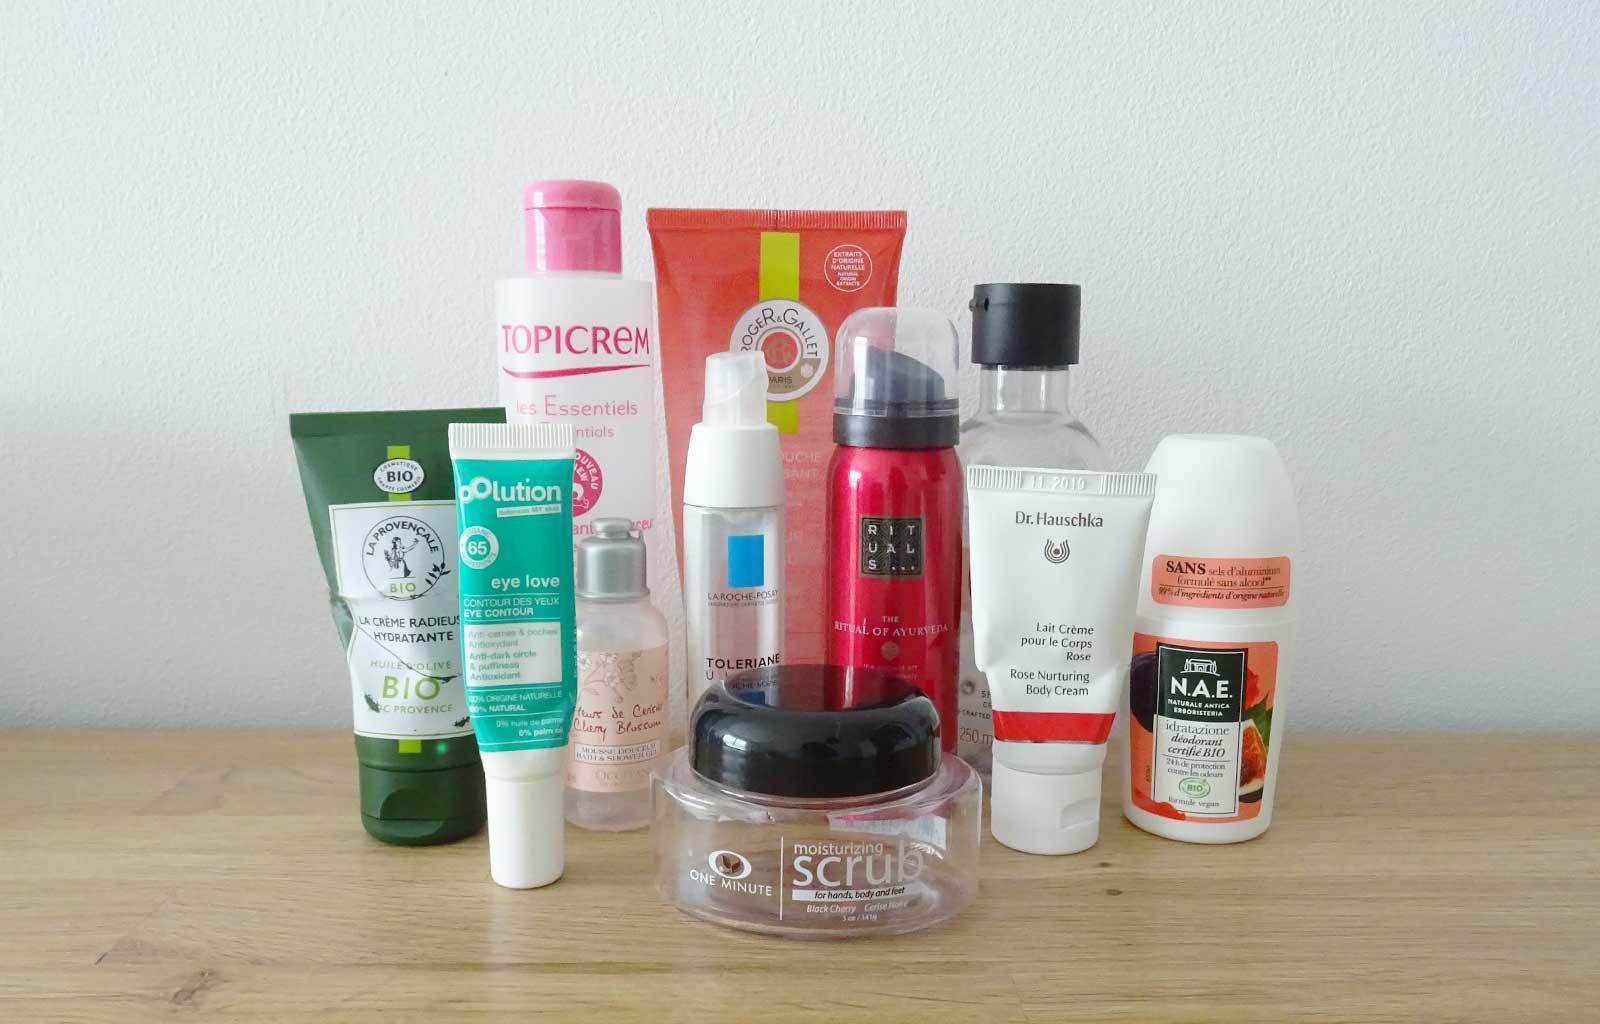 produits terminés soins visage corps hygiène